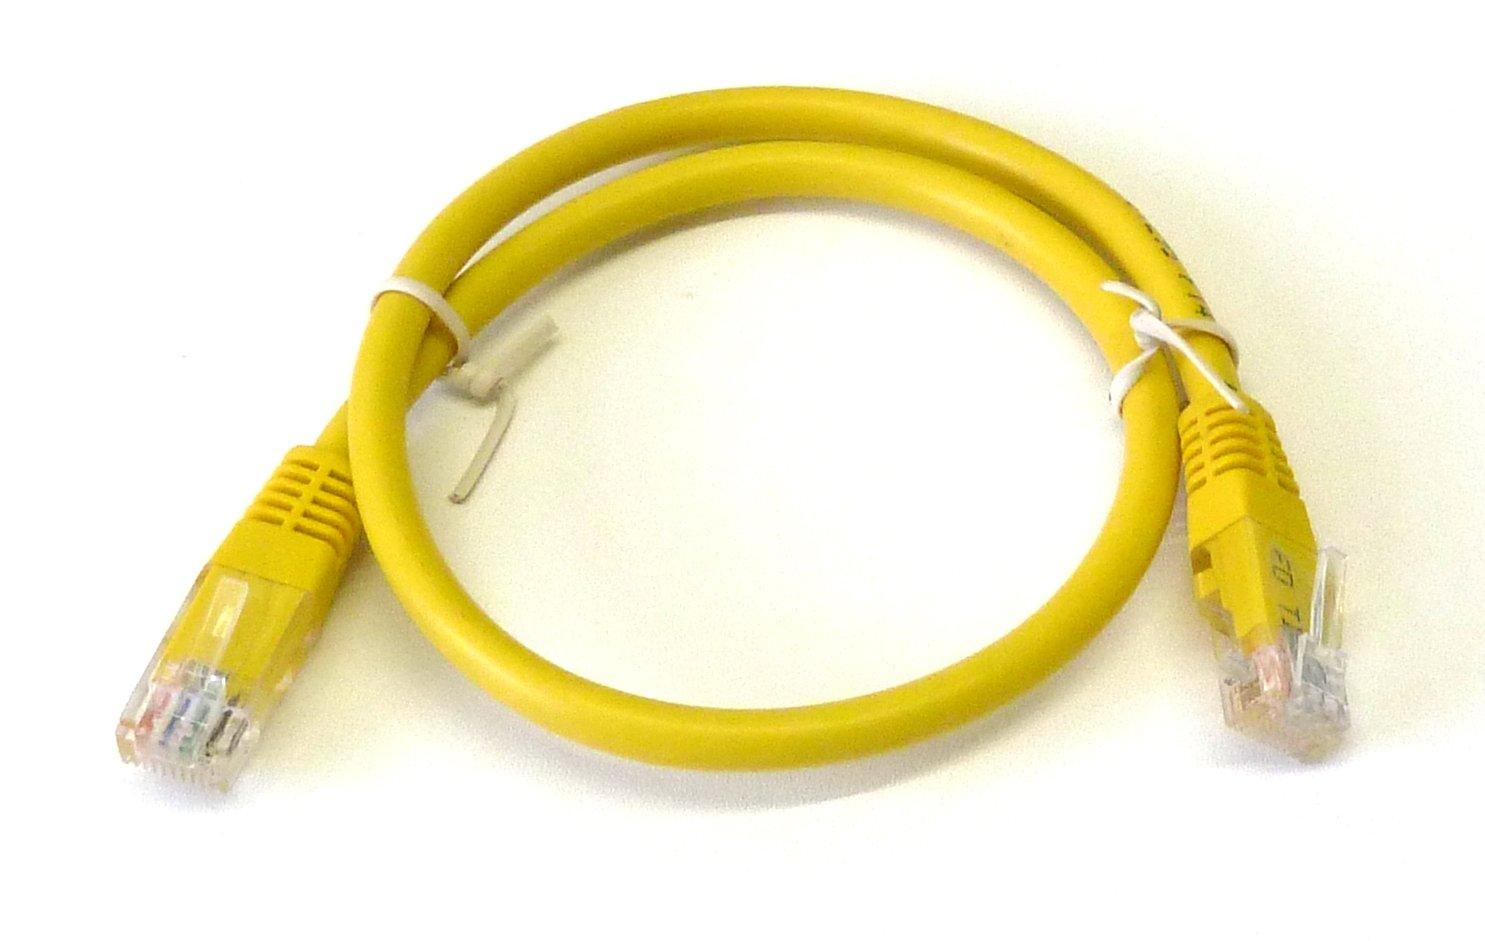 Yellow 05m 50cm Gigabit Network Lan Cable Cat6 Patch Internet Data 4m Cat5e Cat 5e Rj45 Ethernet Lead Wire Computers Accessories